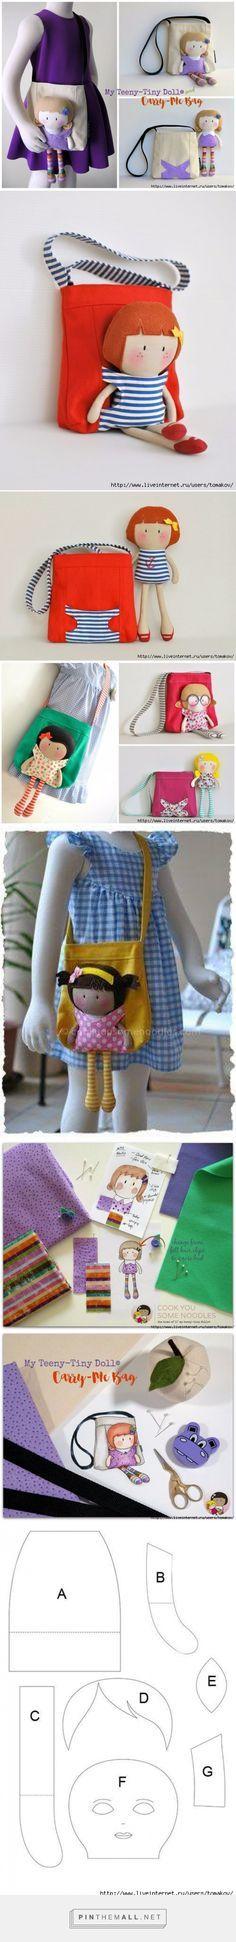 Esta divertida bolsa está diseñada para traer siempre a su lado a su inseparable amiga. #bolsa #proyecto #costu